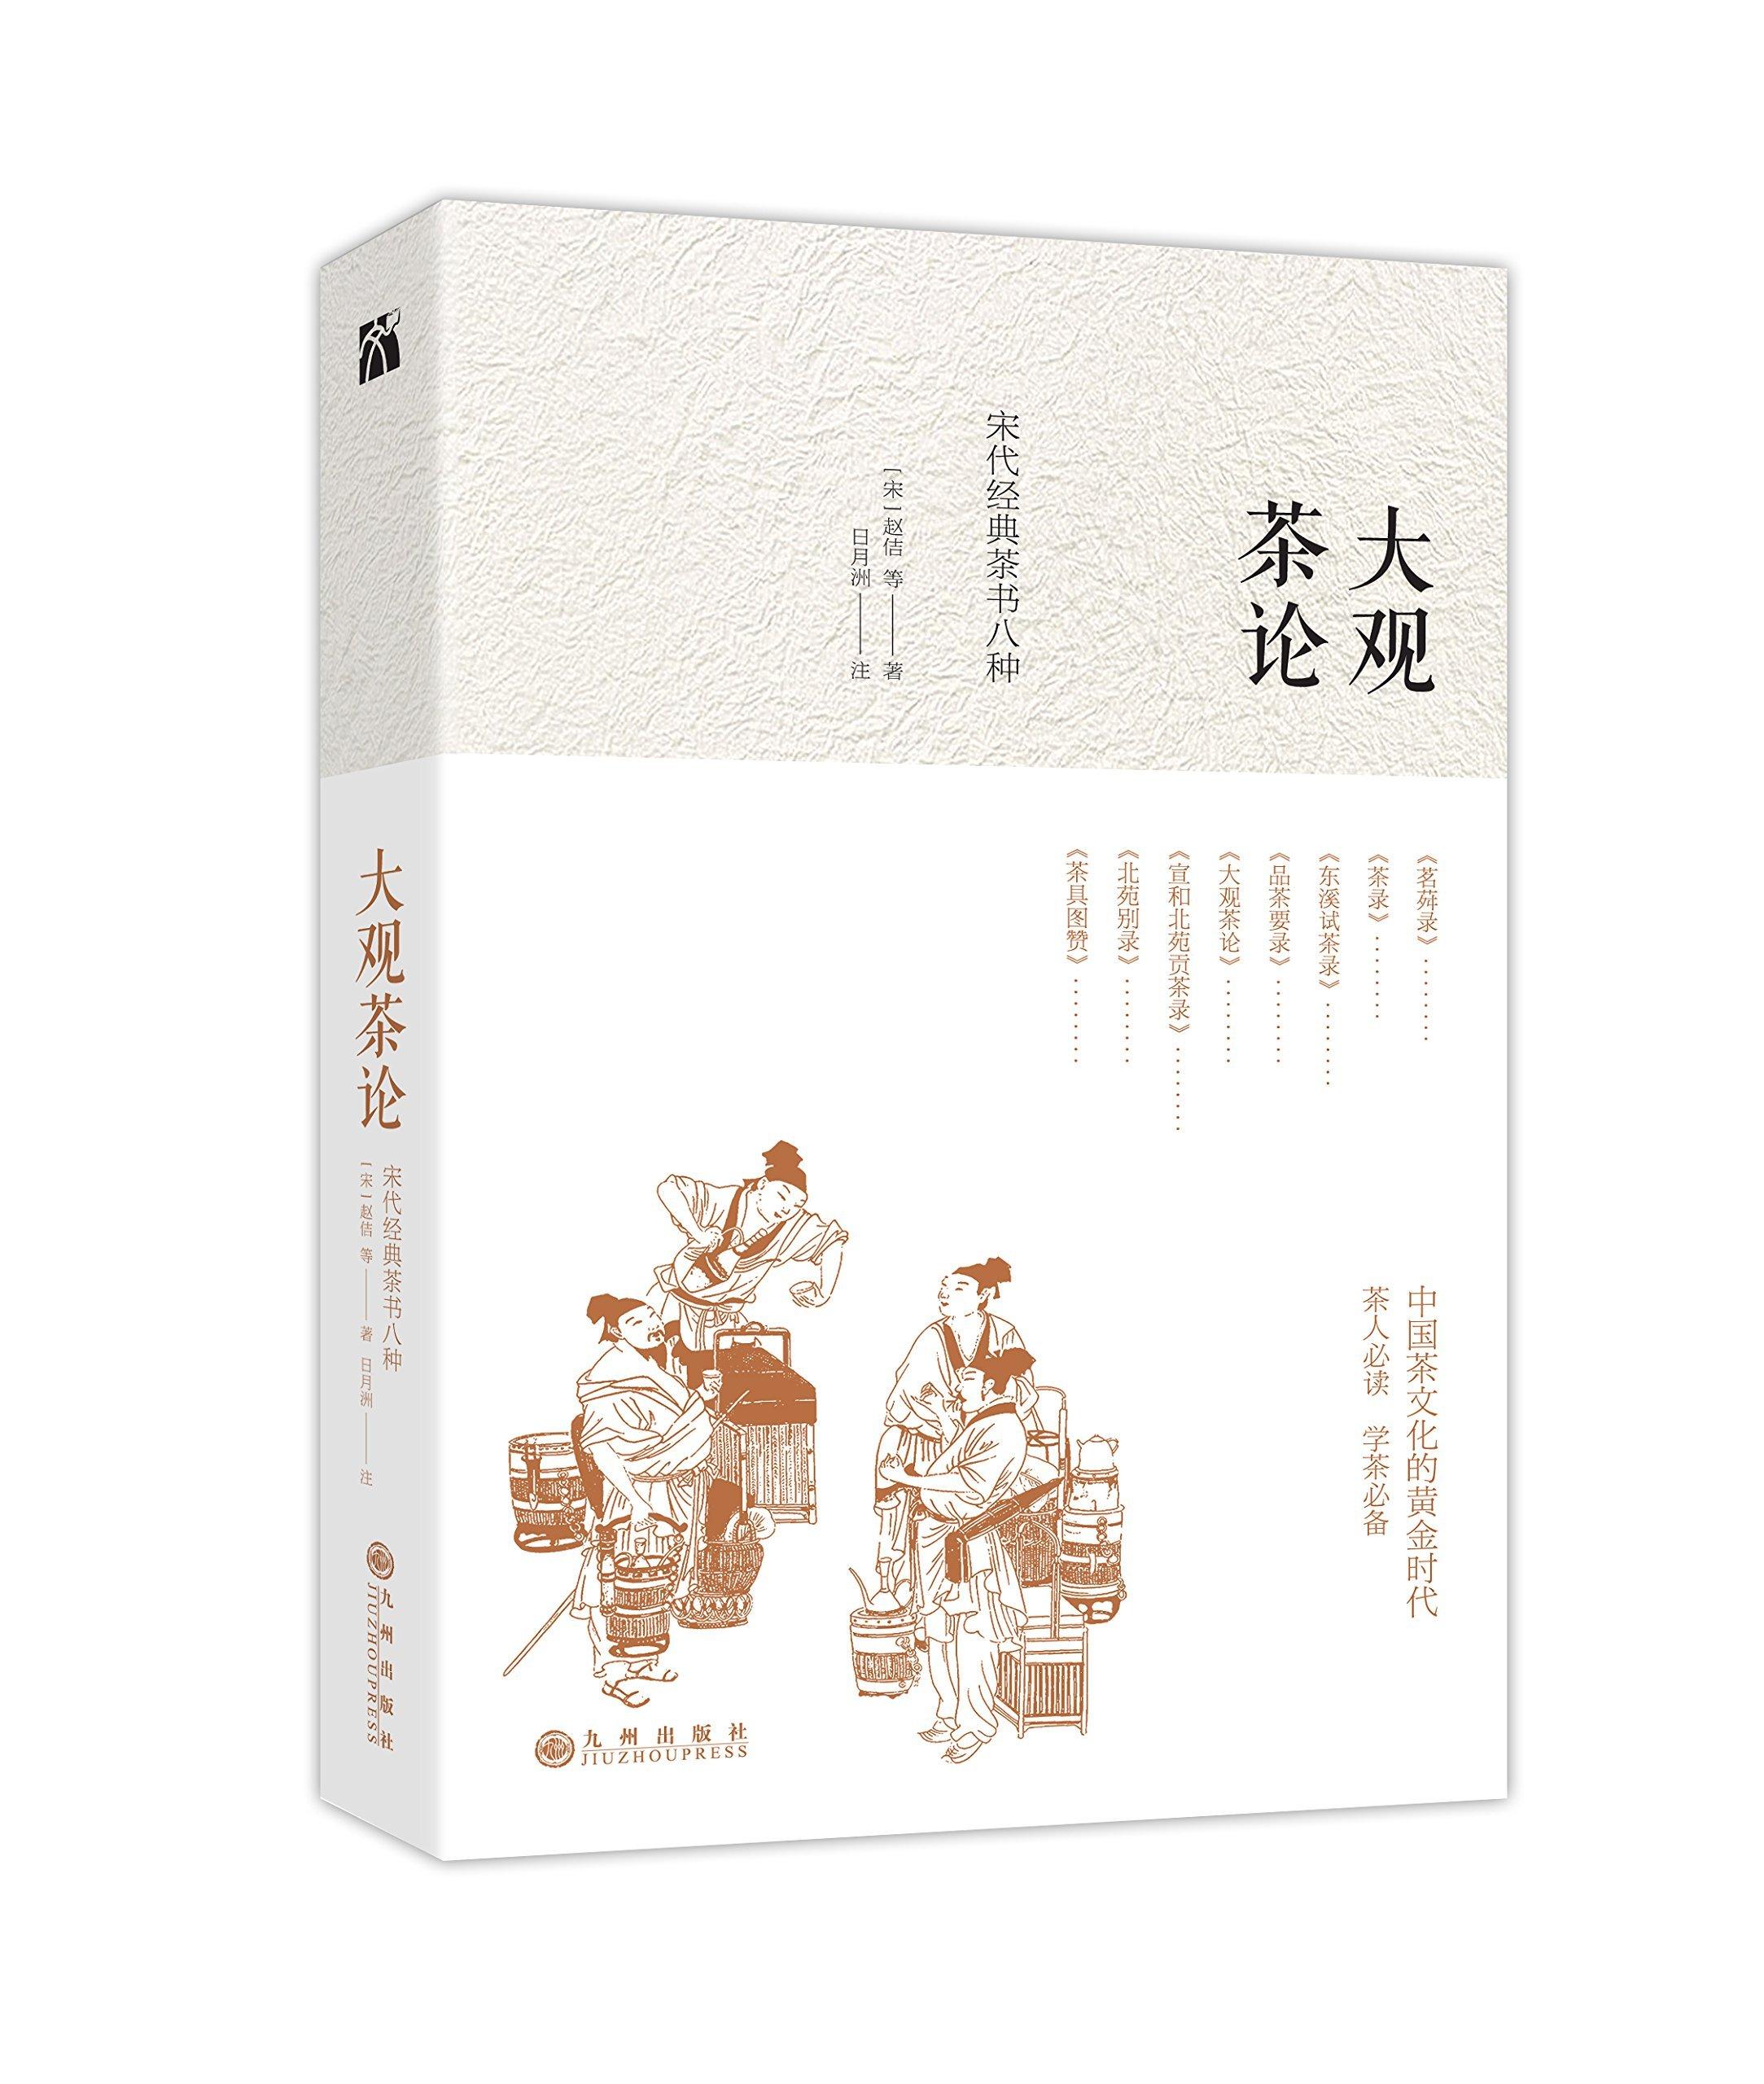 大观茶论:宋代经典茶书八种(宋)赵佶等著9787510864728九州